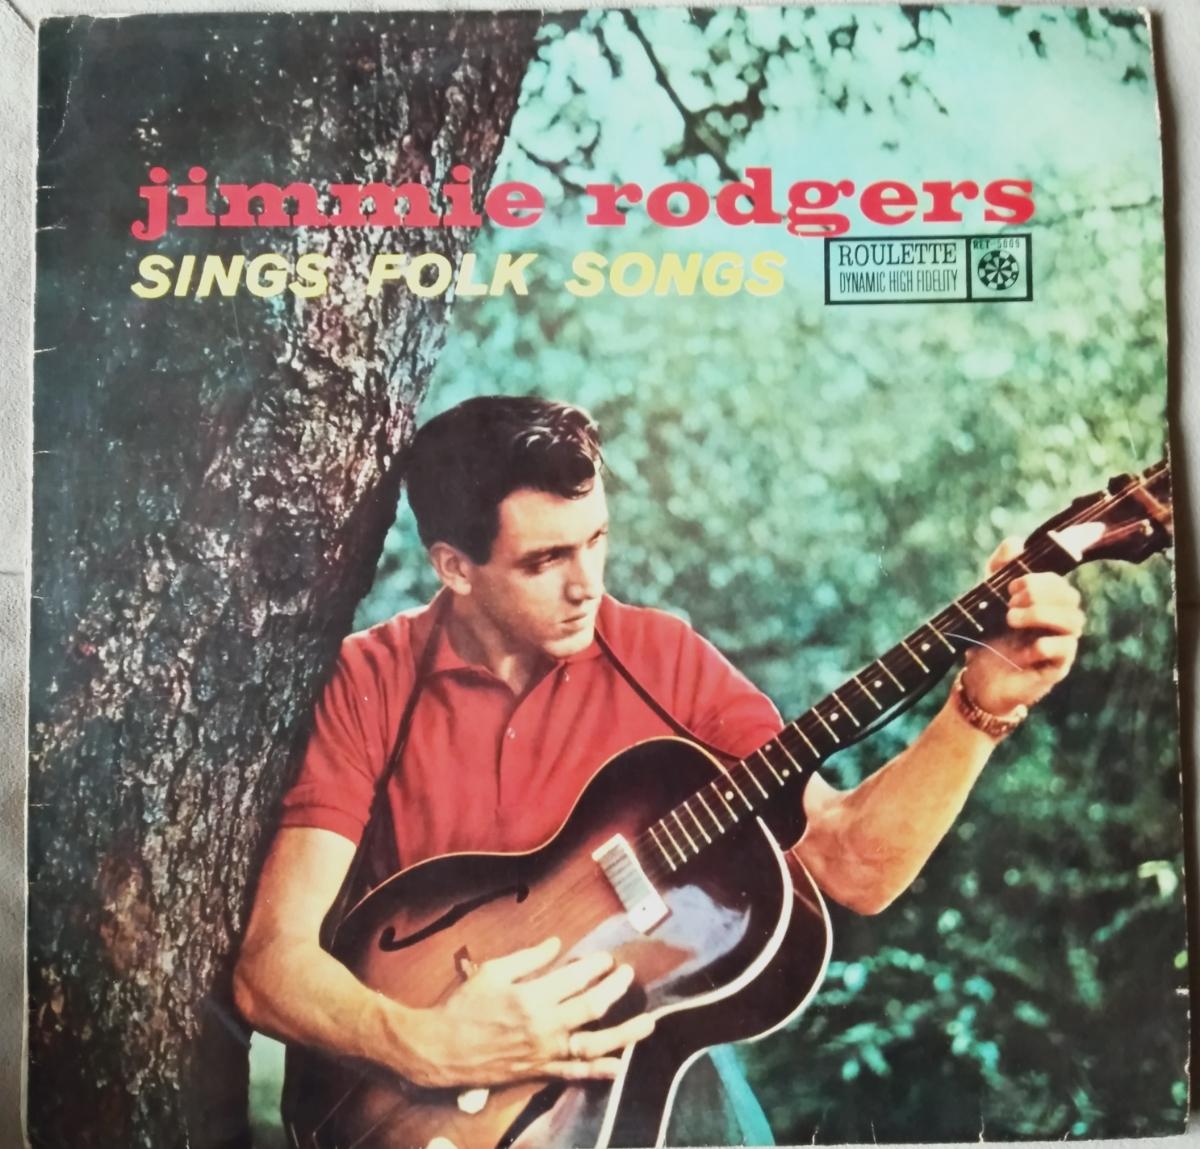 LP ジミー ロジャース // sings folk songs_画像1